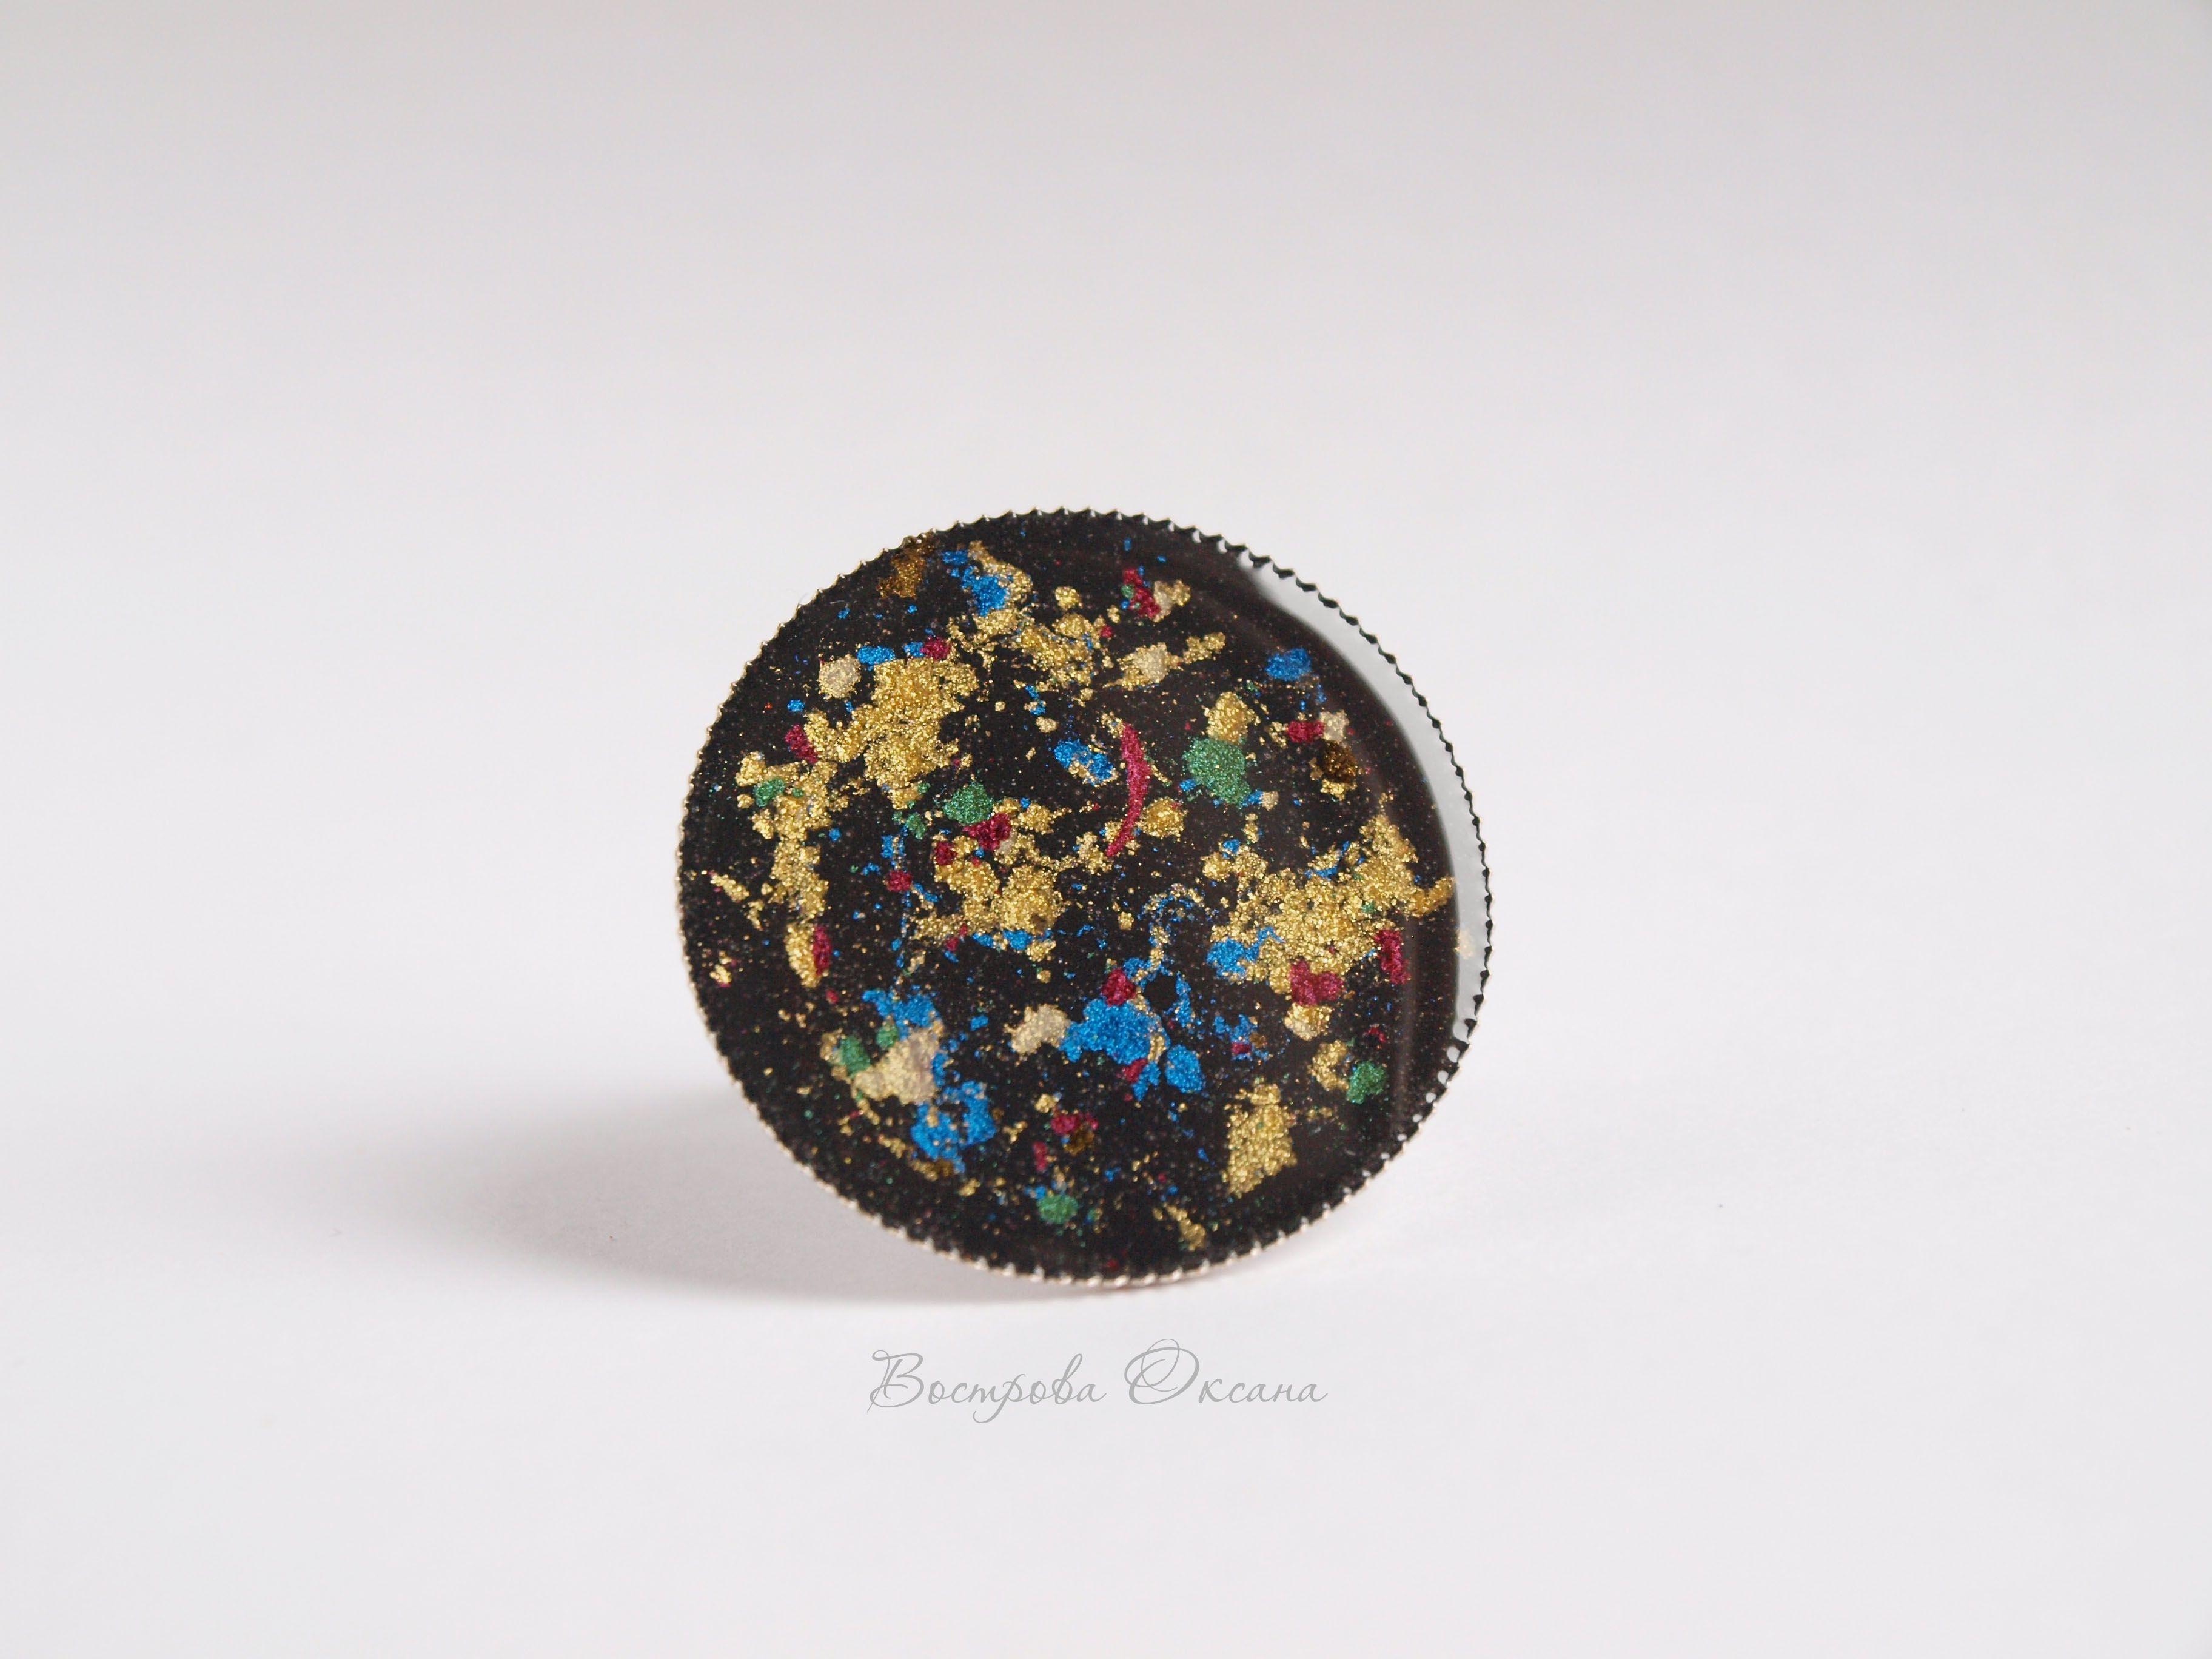 авторскаяработа самара эксклюзив талисман украшение напамять хендмейд кольцо handmade подарок бижутерия